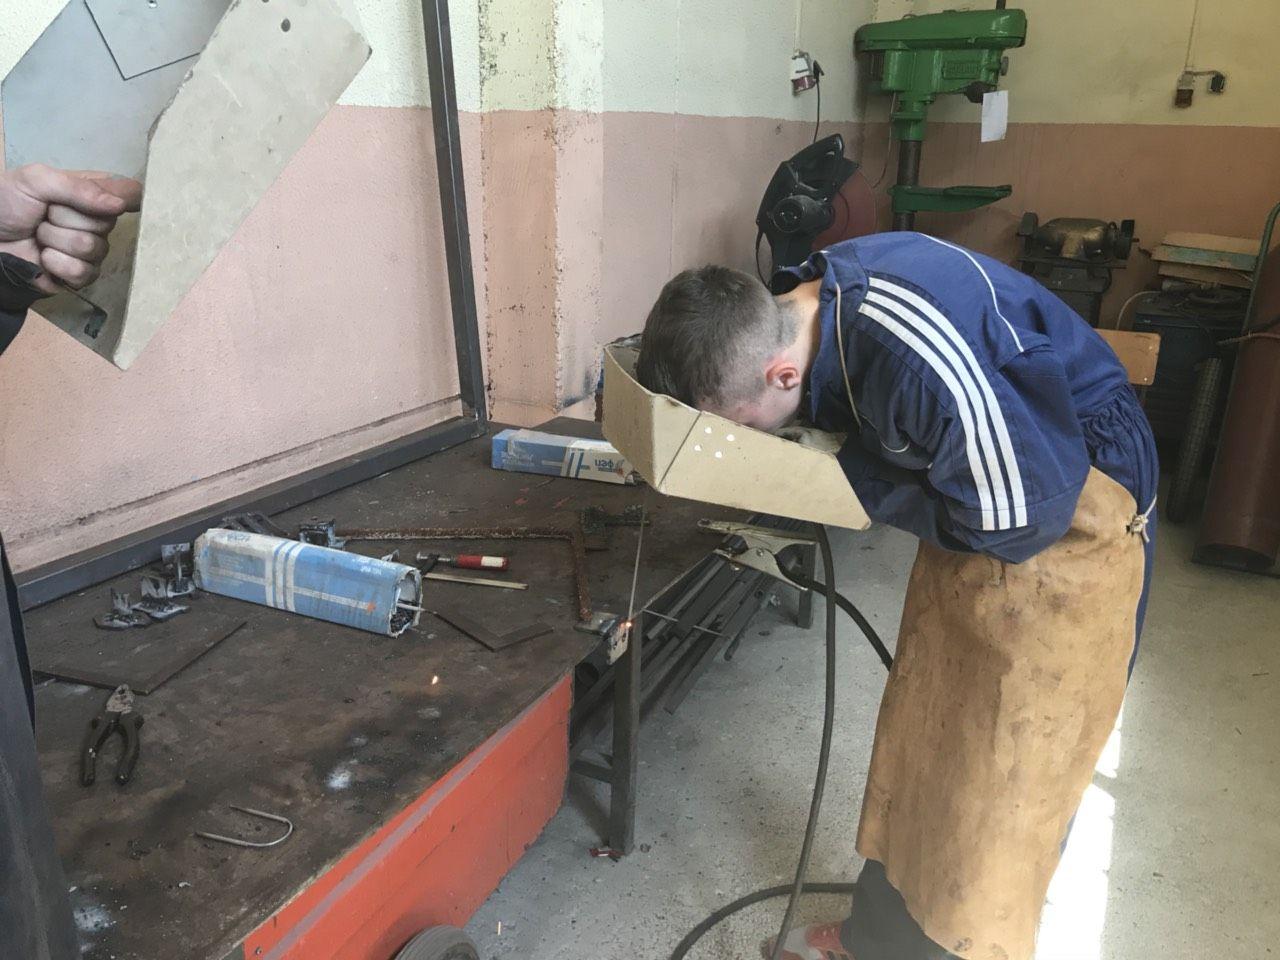 skolsko takmicenje, masinstvo, april, 2018 (2)